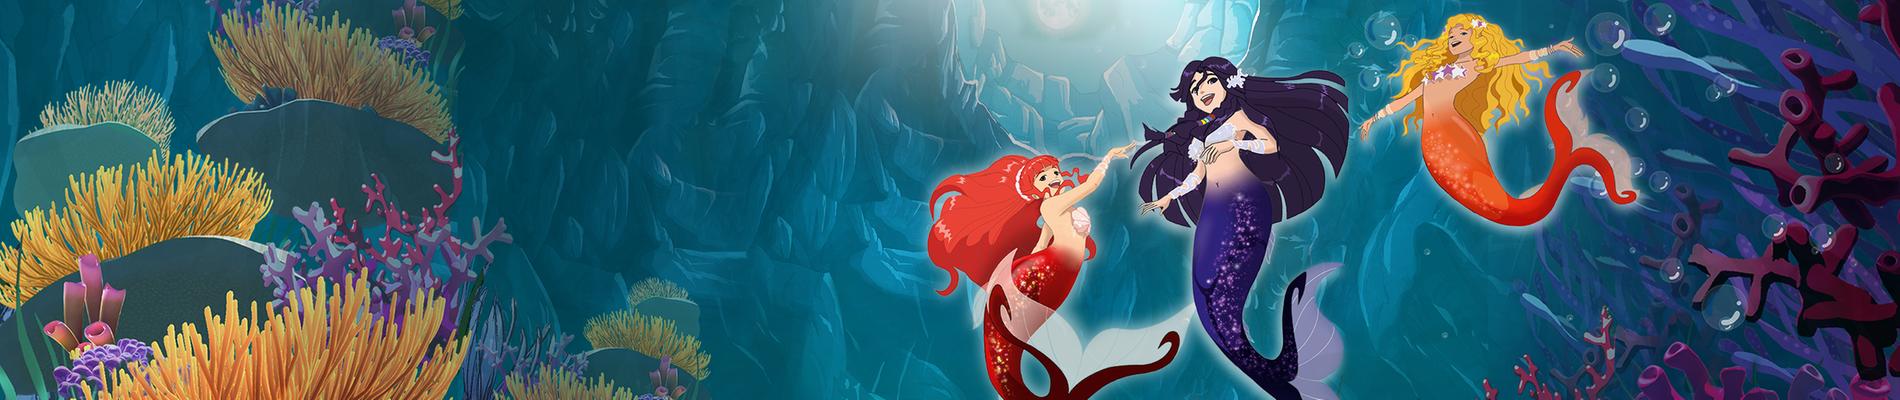 H2o Abenteuer Meerjungfrau Zdfmediathek